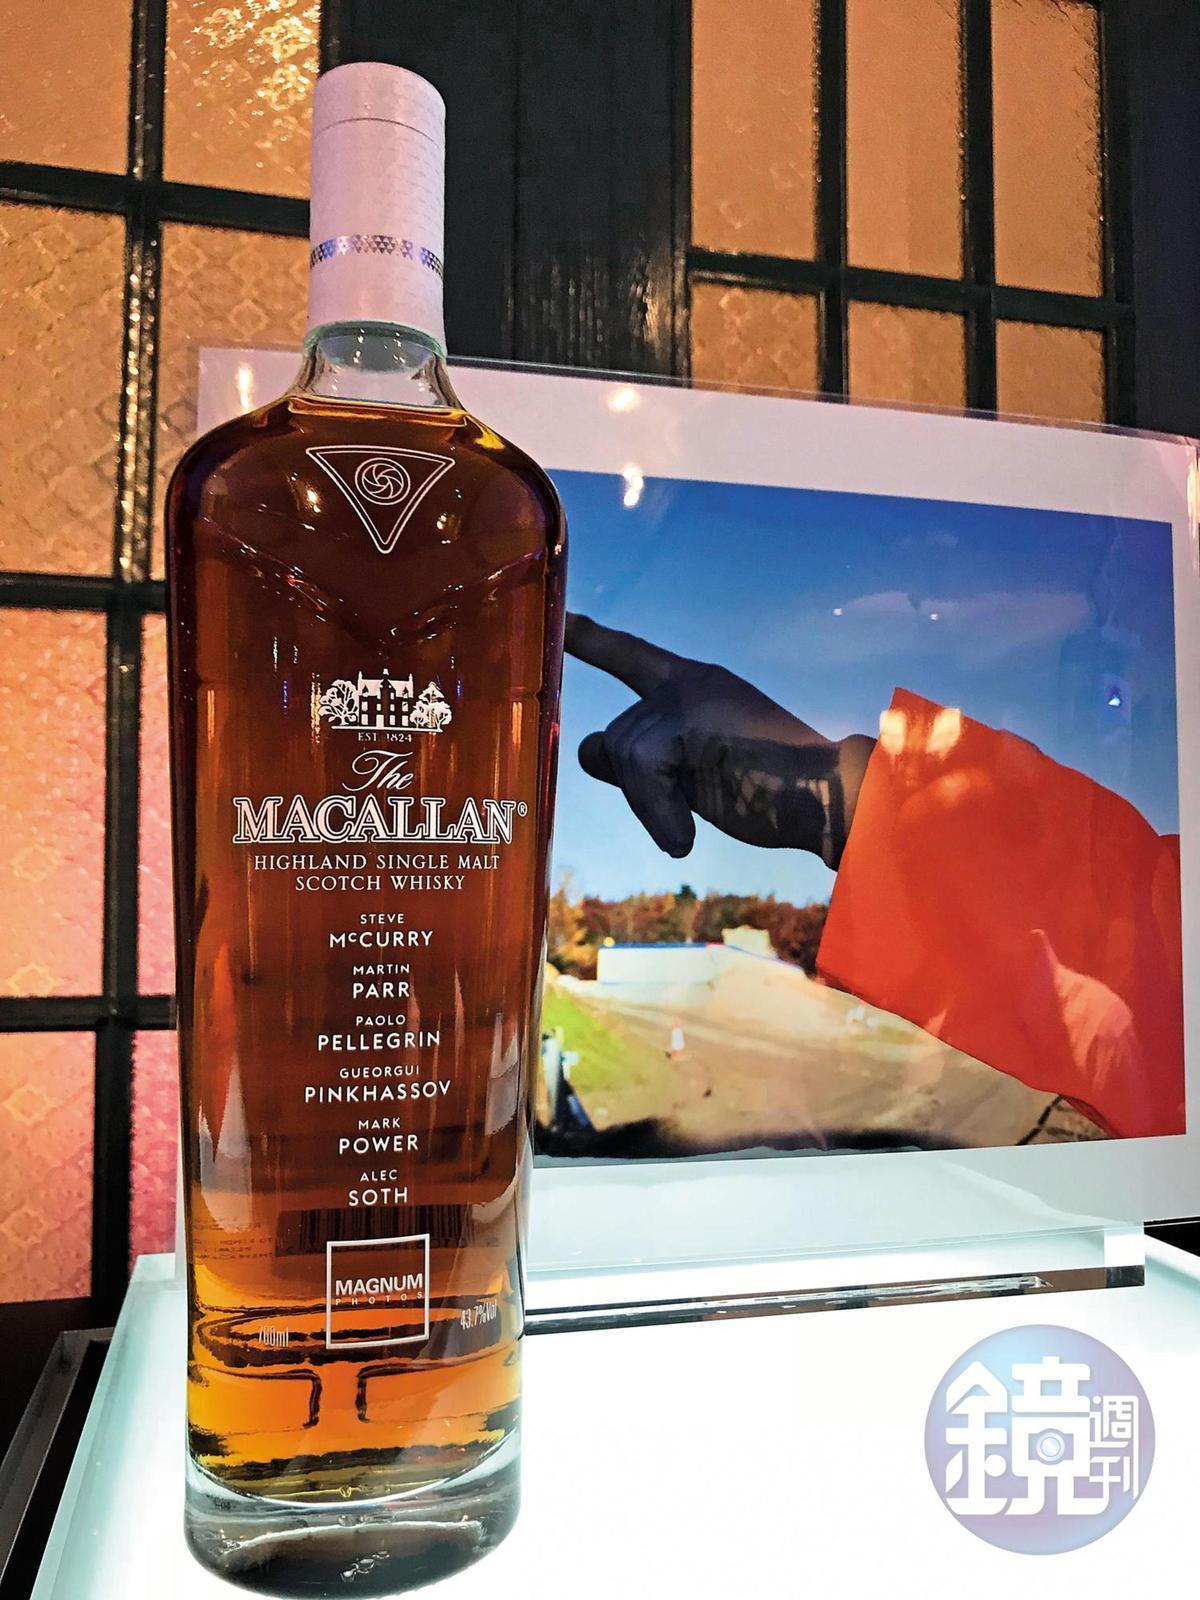 麥卡倫知名的攝影家系列推出完結篇MOP7,8月21日在山海樓,由創意總監Ken Grier親自飛來發表,巧妙結合攝影名家在新廠興建過程留下的影像與酒款風格。